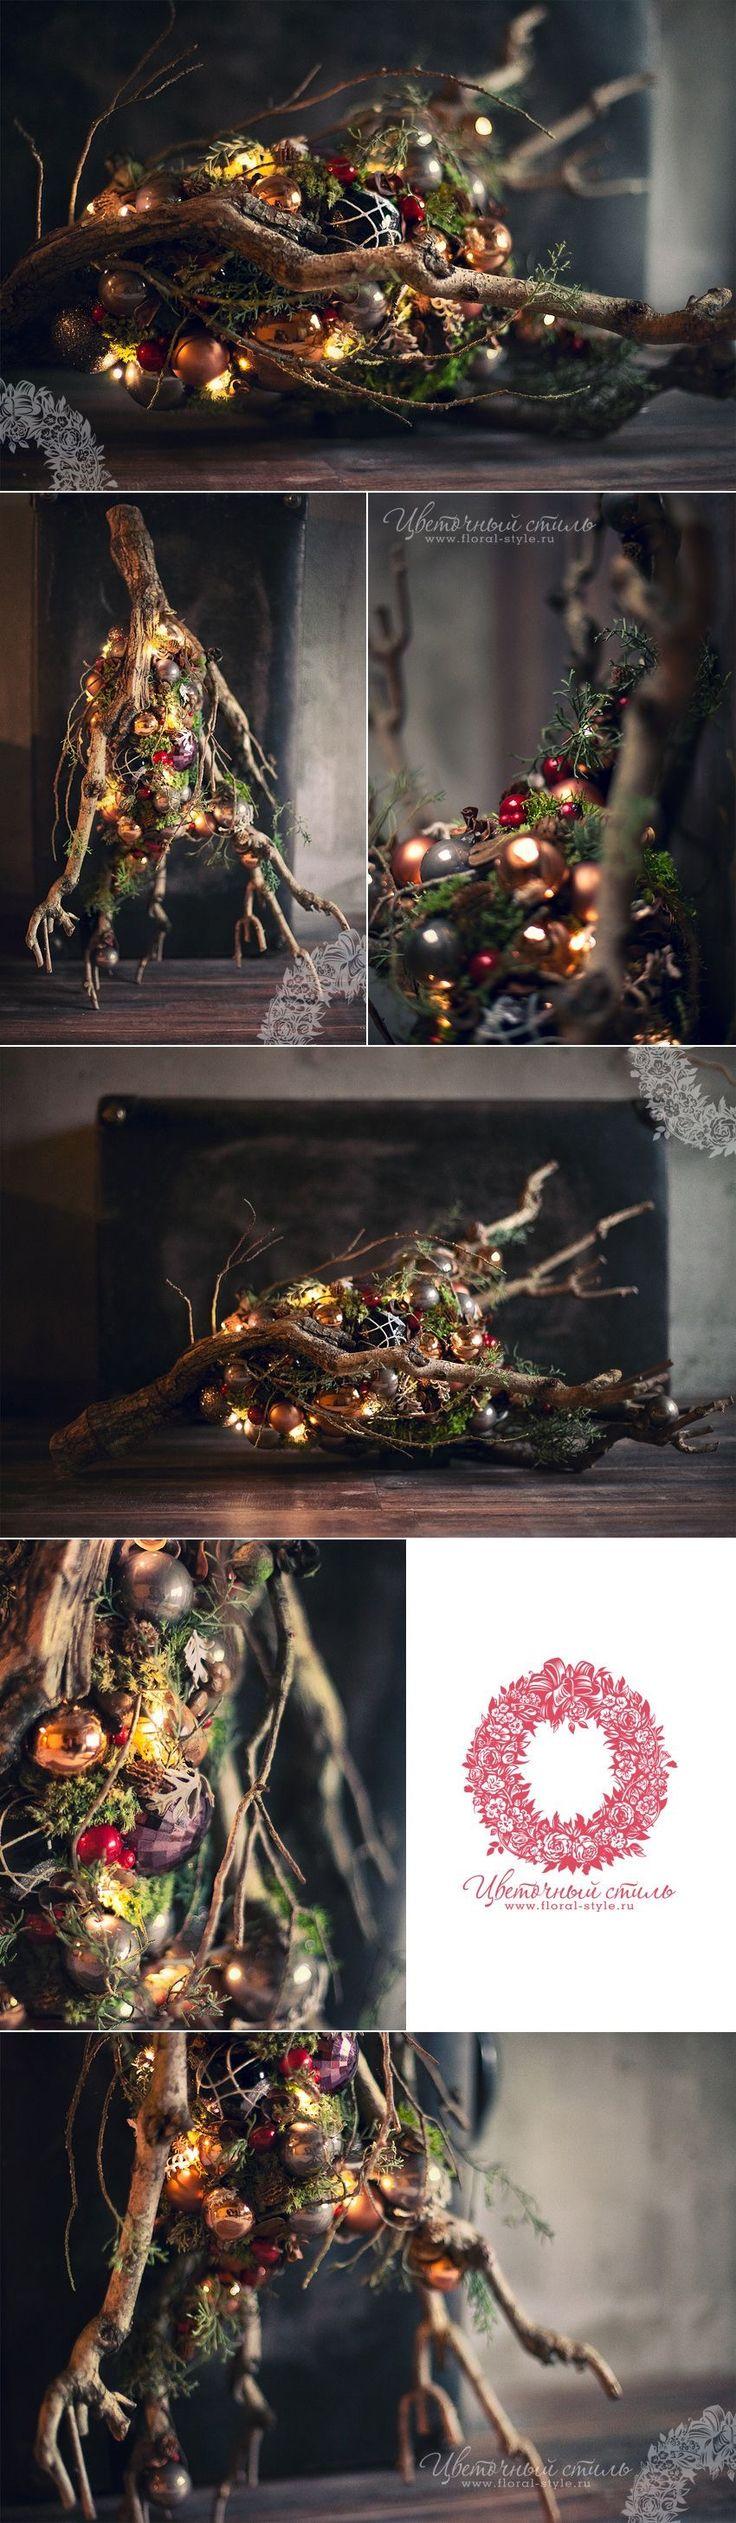 Wunderschoen, mache ich für Weihnachten,